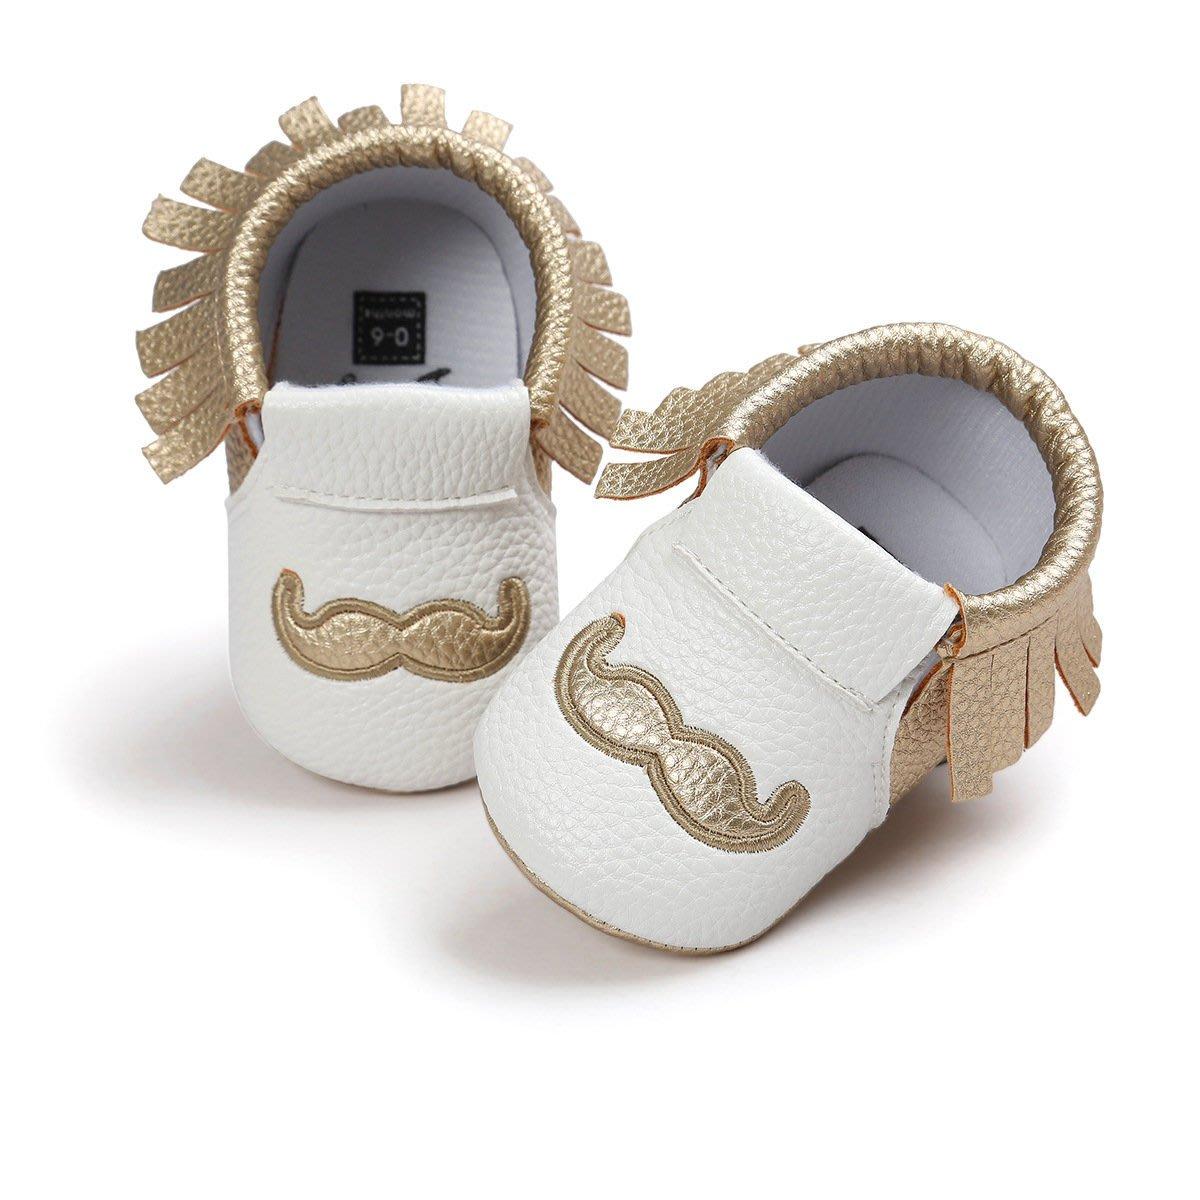 鞋鞋樂園-軟底-金鬍子流蘇不掉鞋-學步鞋-寶寶鞋-嬰兒鞋-幼兒鞋-童鞋-歐美鞋款-鬆緊帶設計-坐學步車穿-彌月送禮